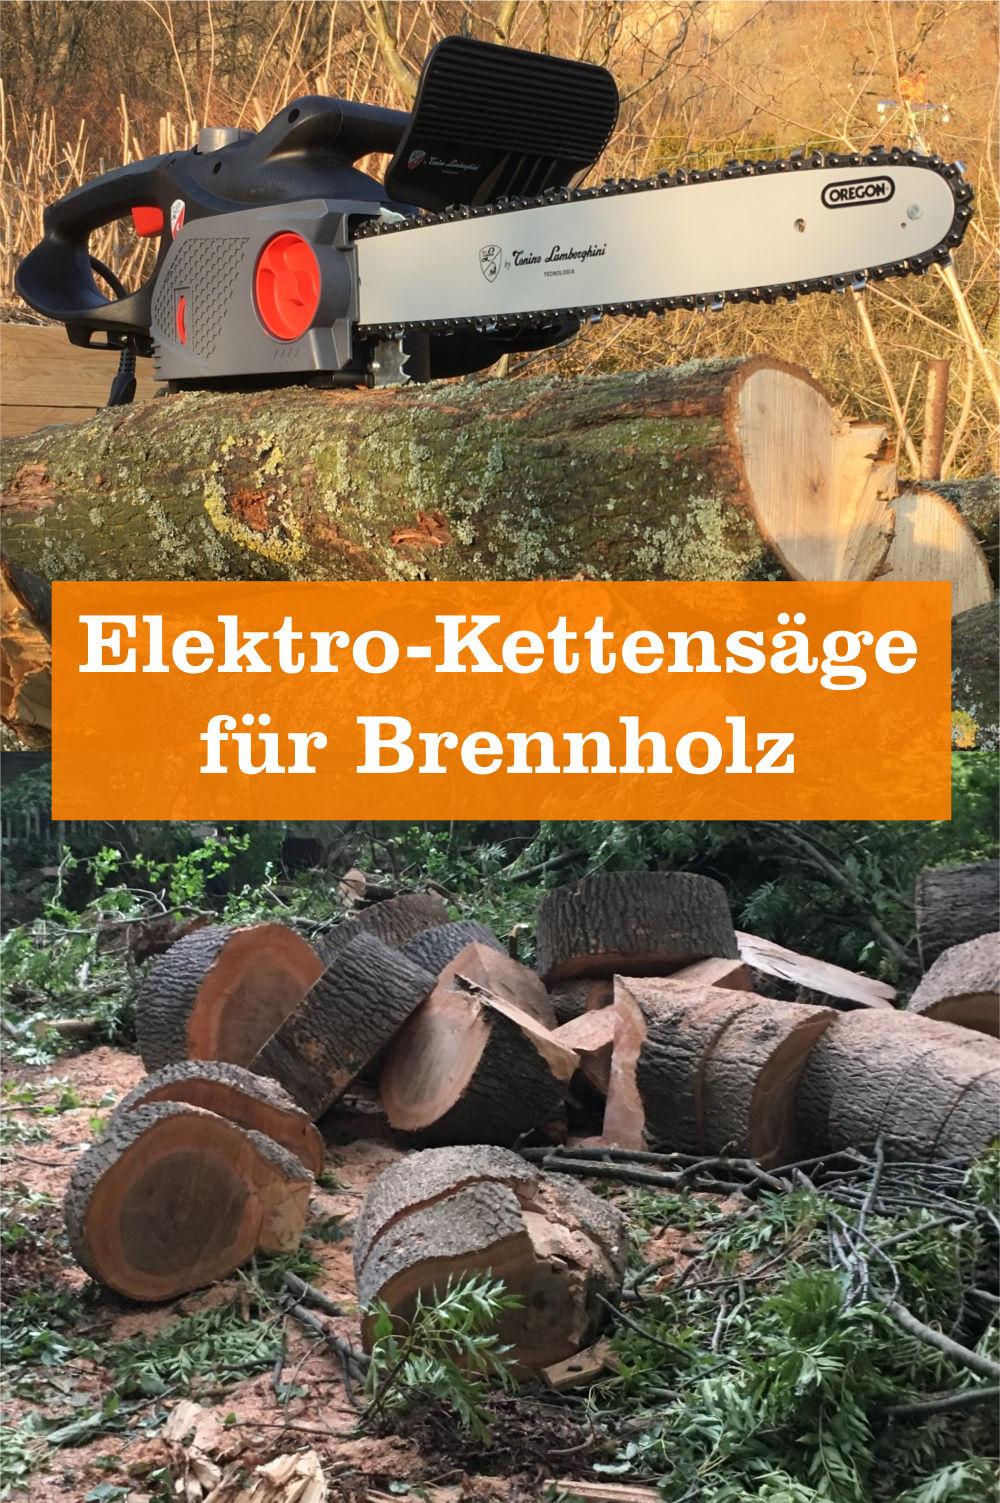 Elektro-Kettensägen für Brennholz